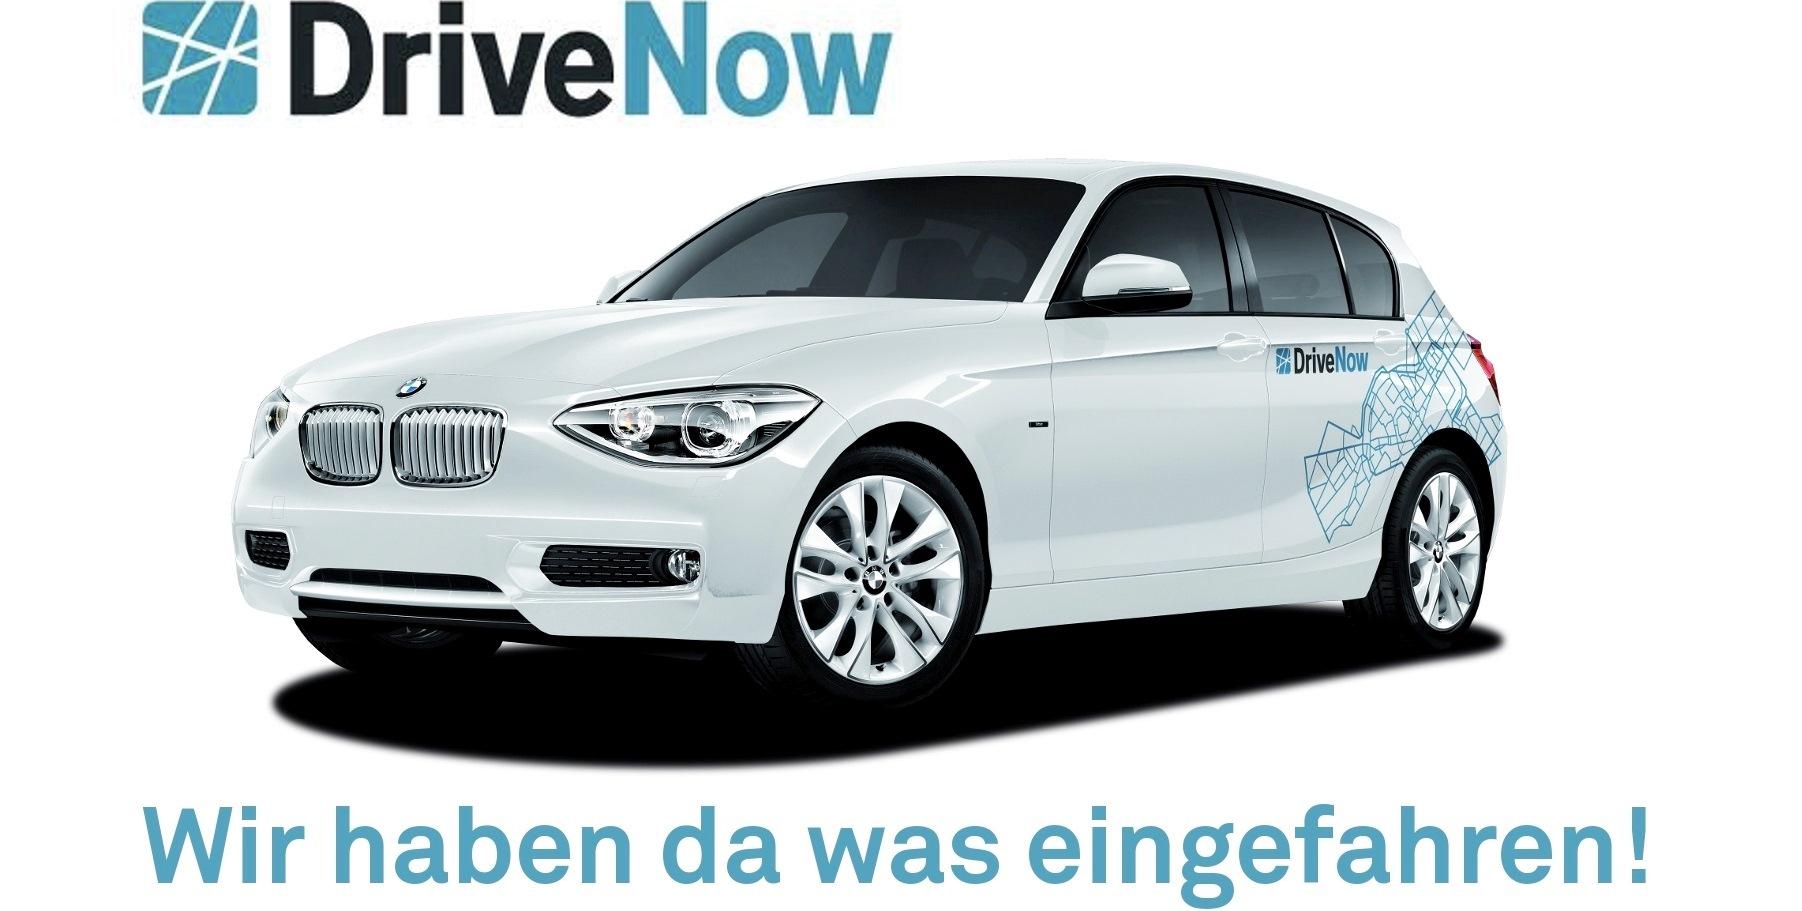 DriveNow: Anmeldegebühr + 60 Freiminuten um 9,90 € - bis zu 80% sparen